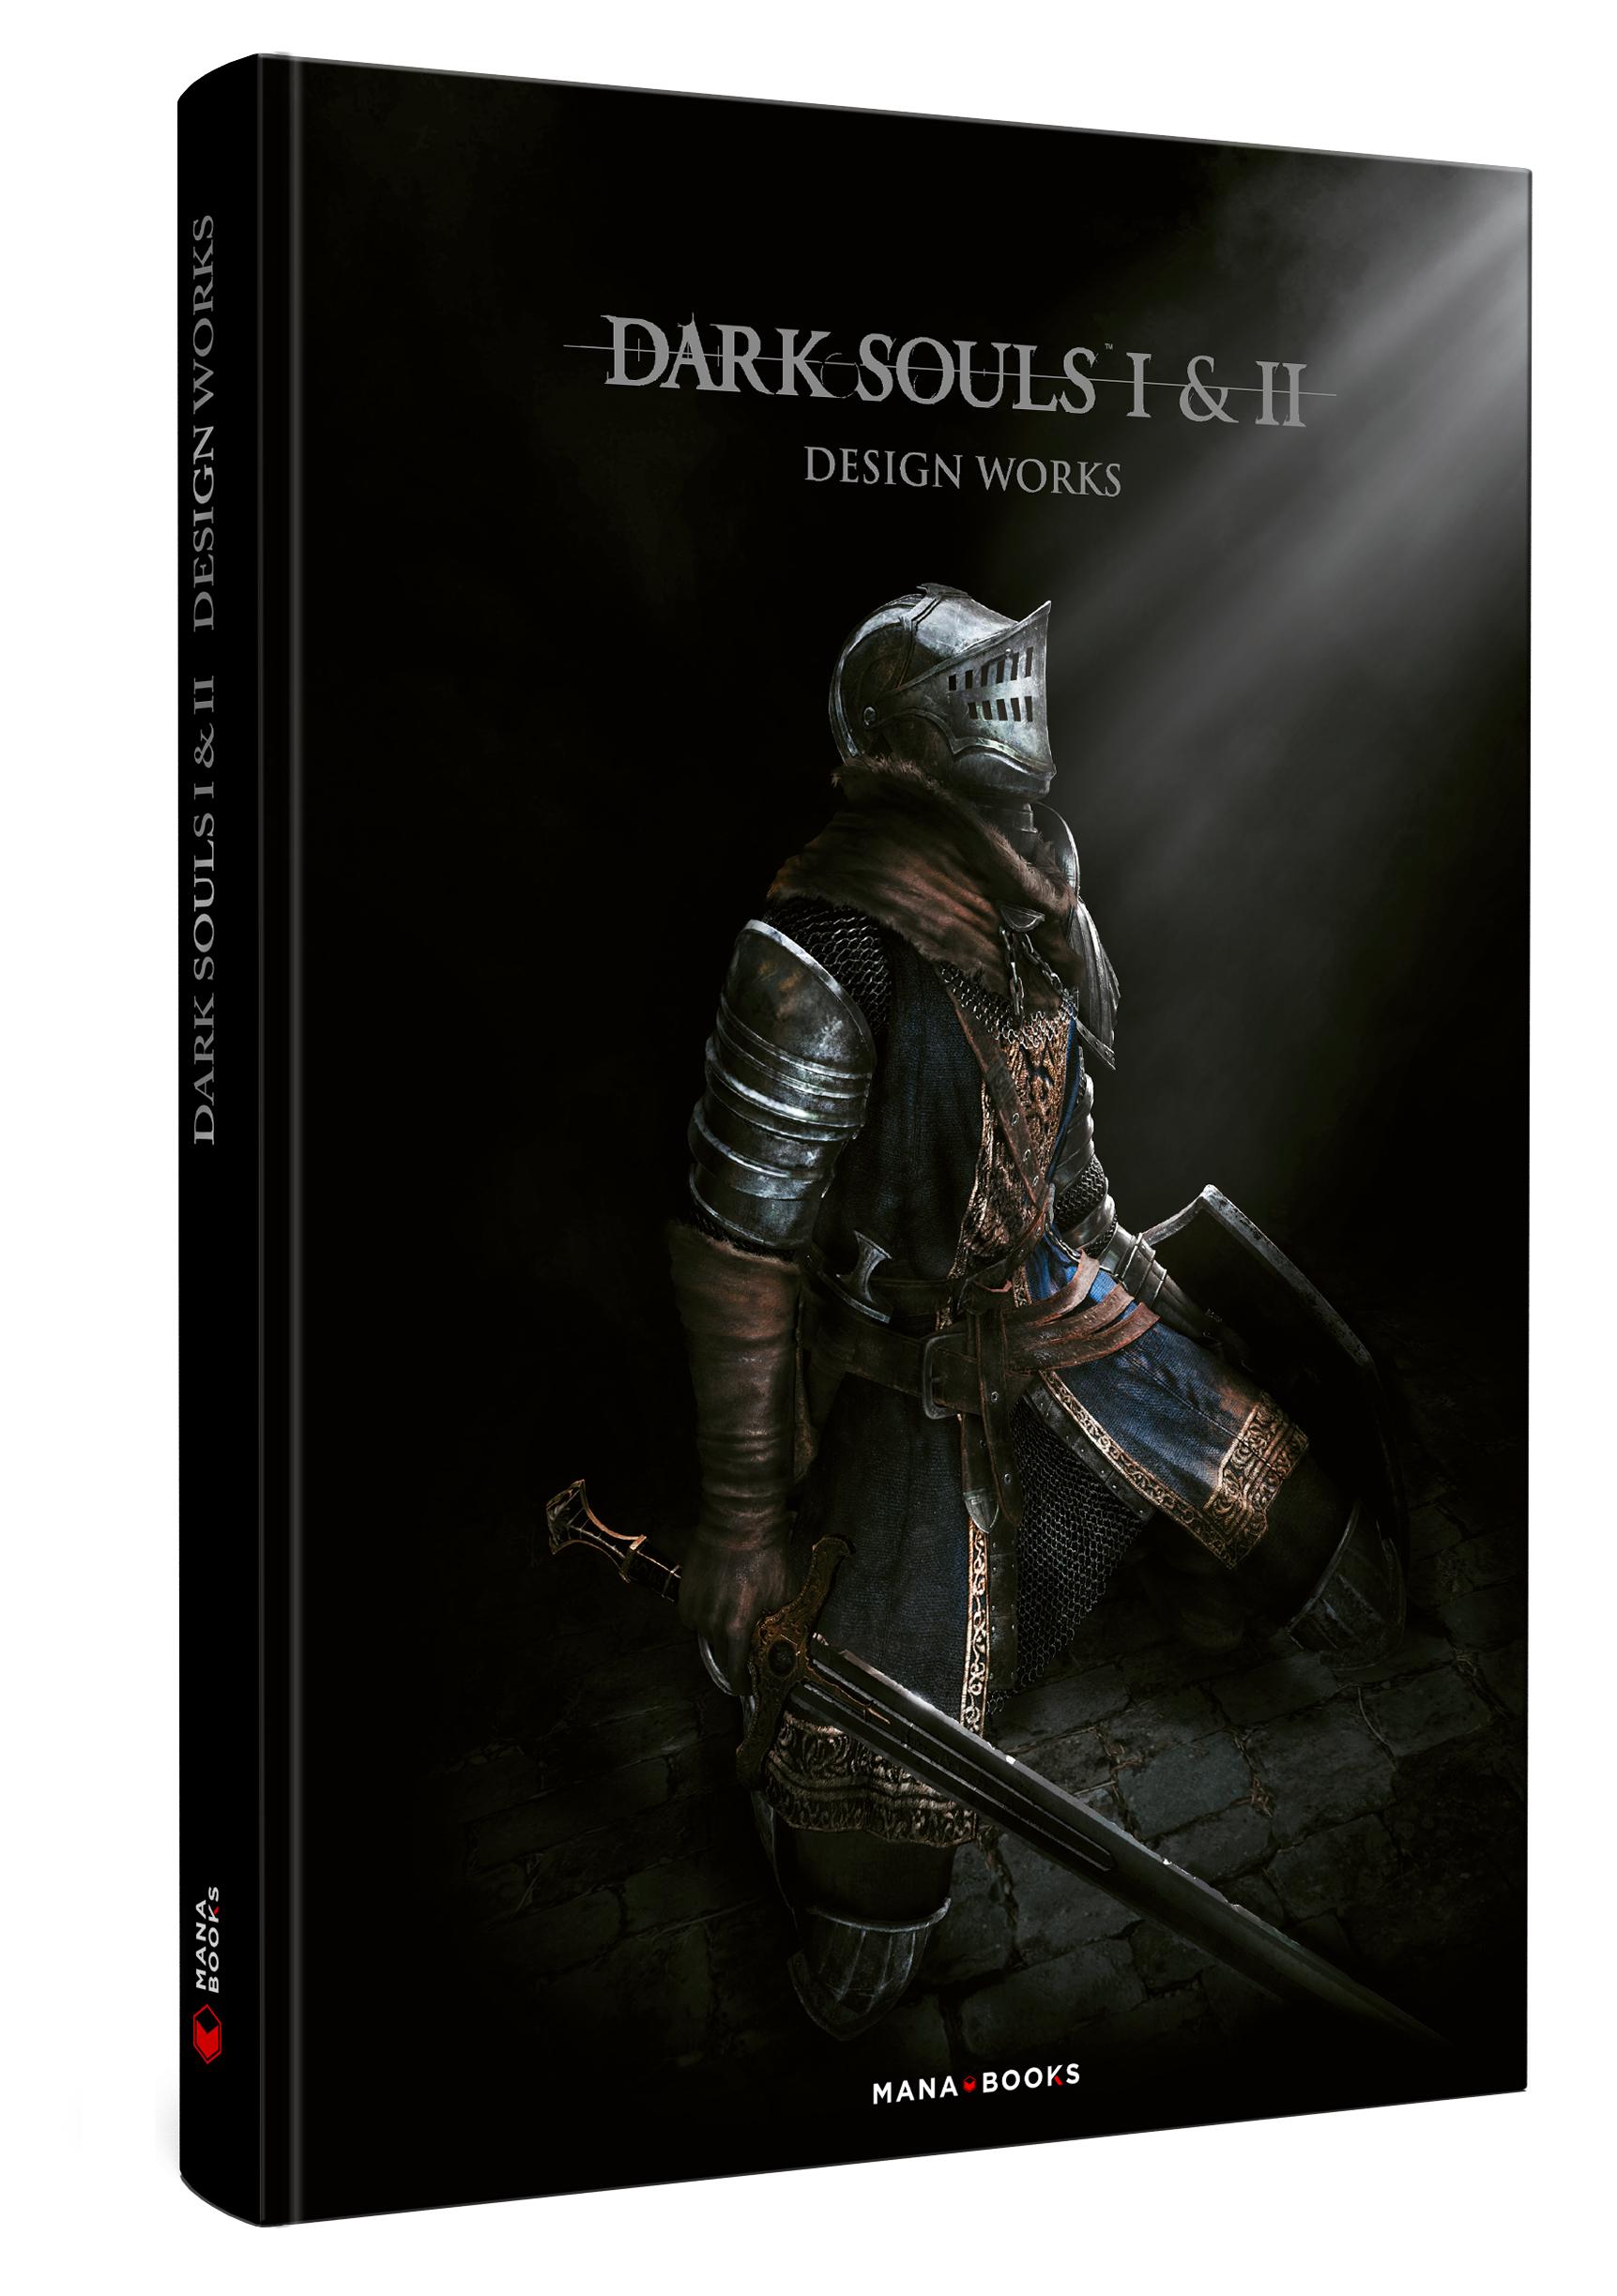 Couverture de l'artbook dark souls